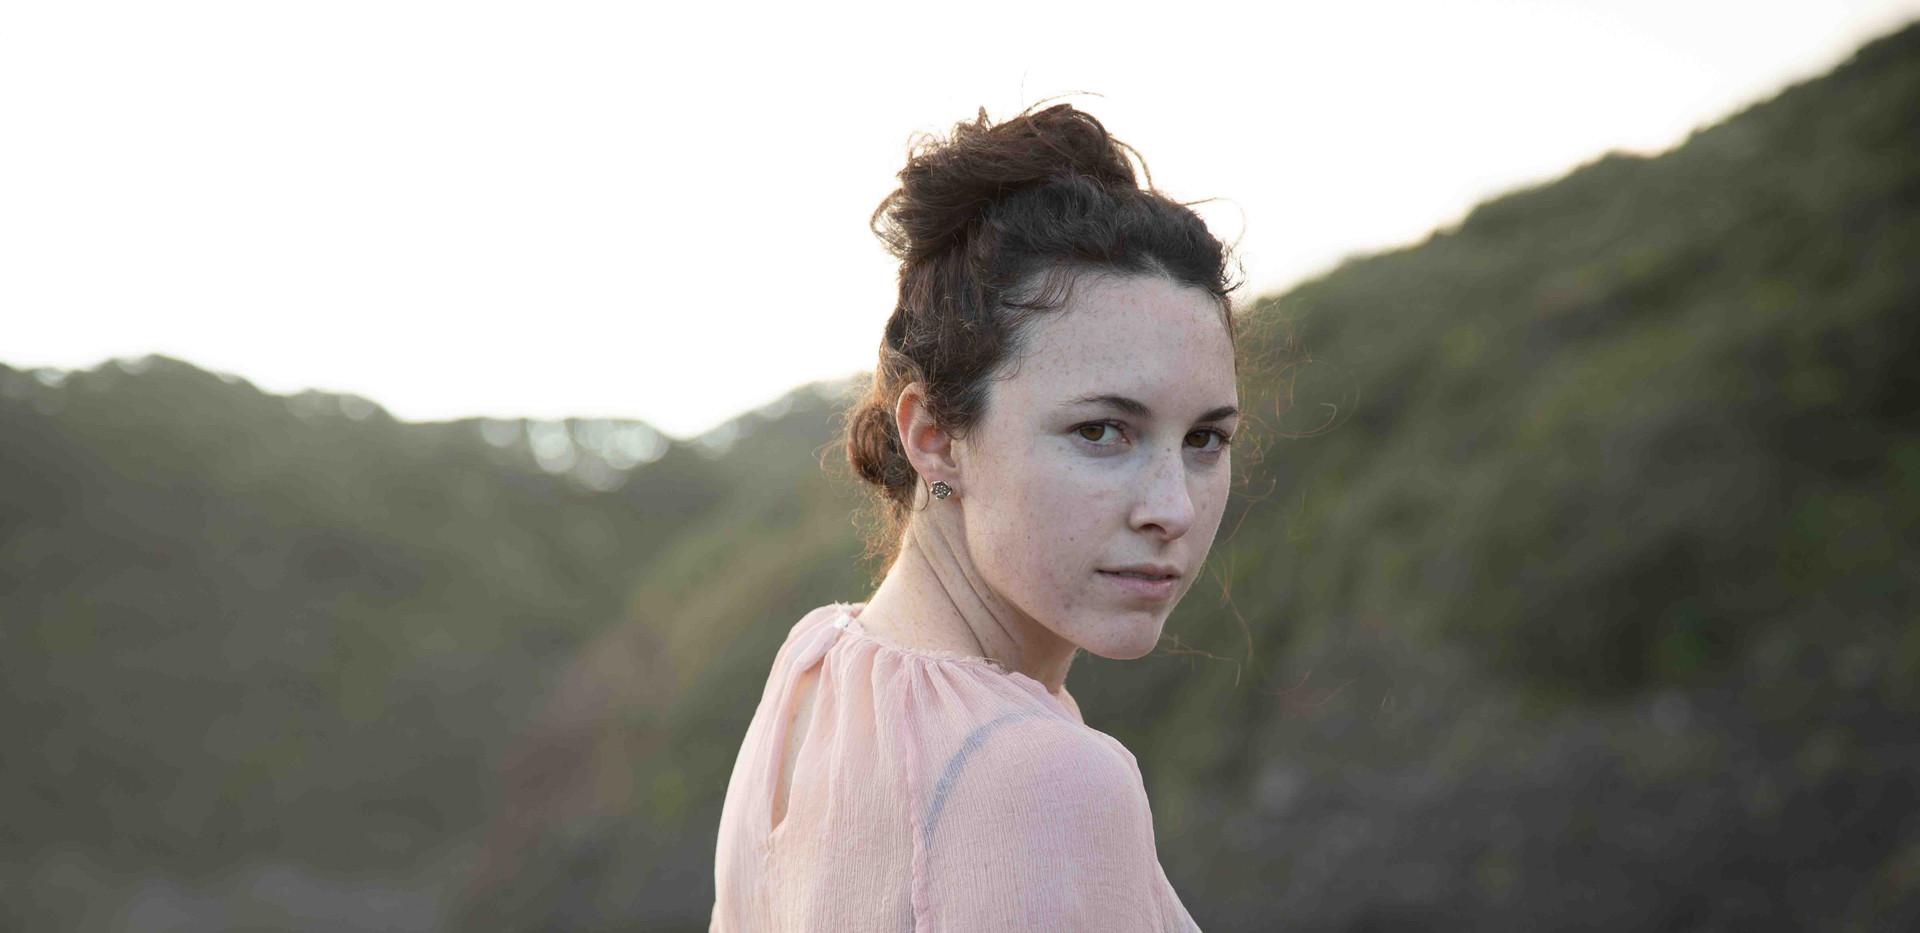 Hannah, NZ_2019_Herstory_SaraOrme.jpg